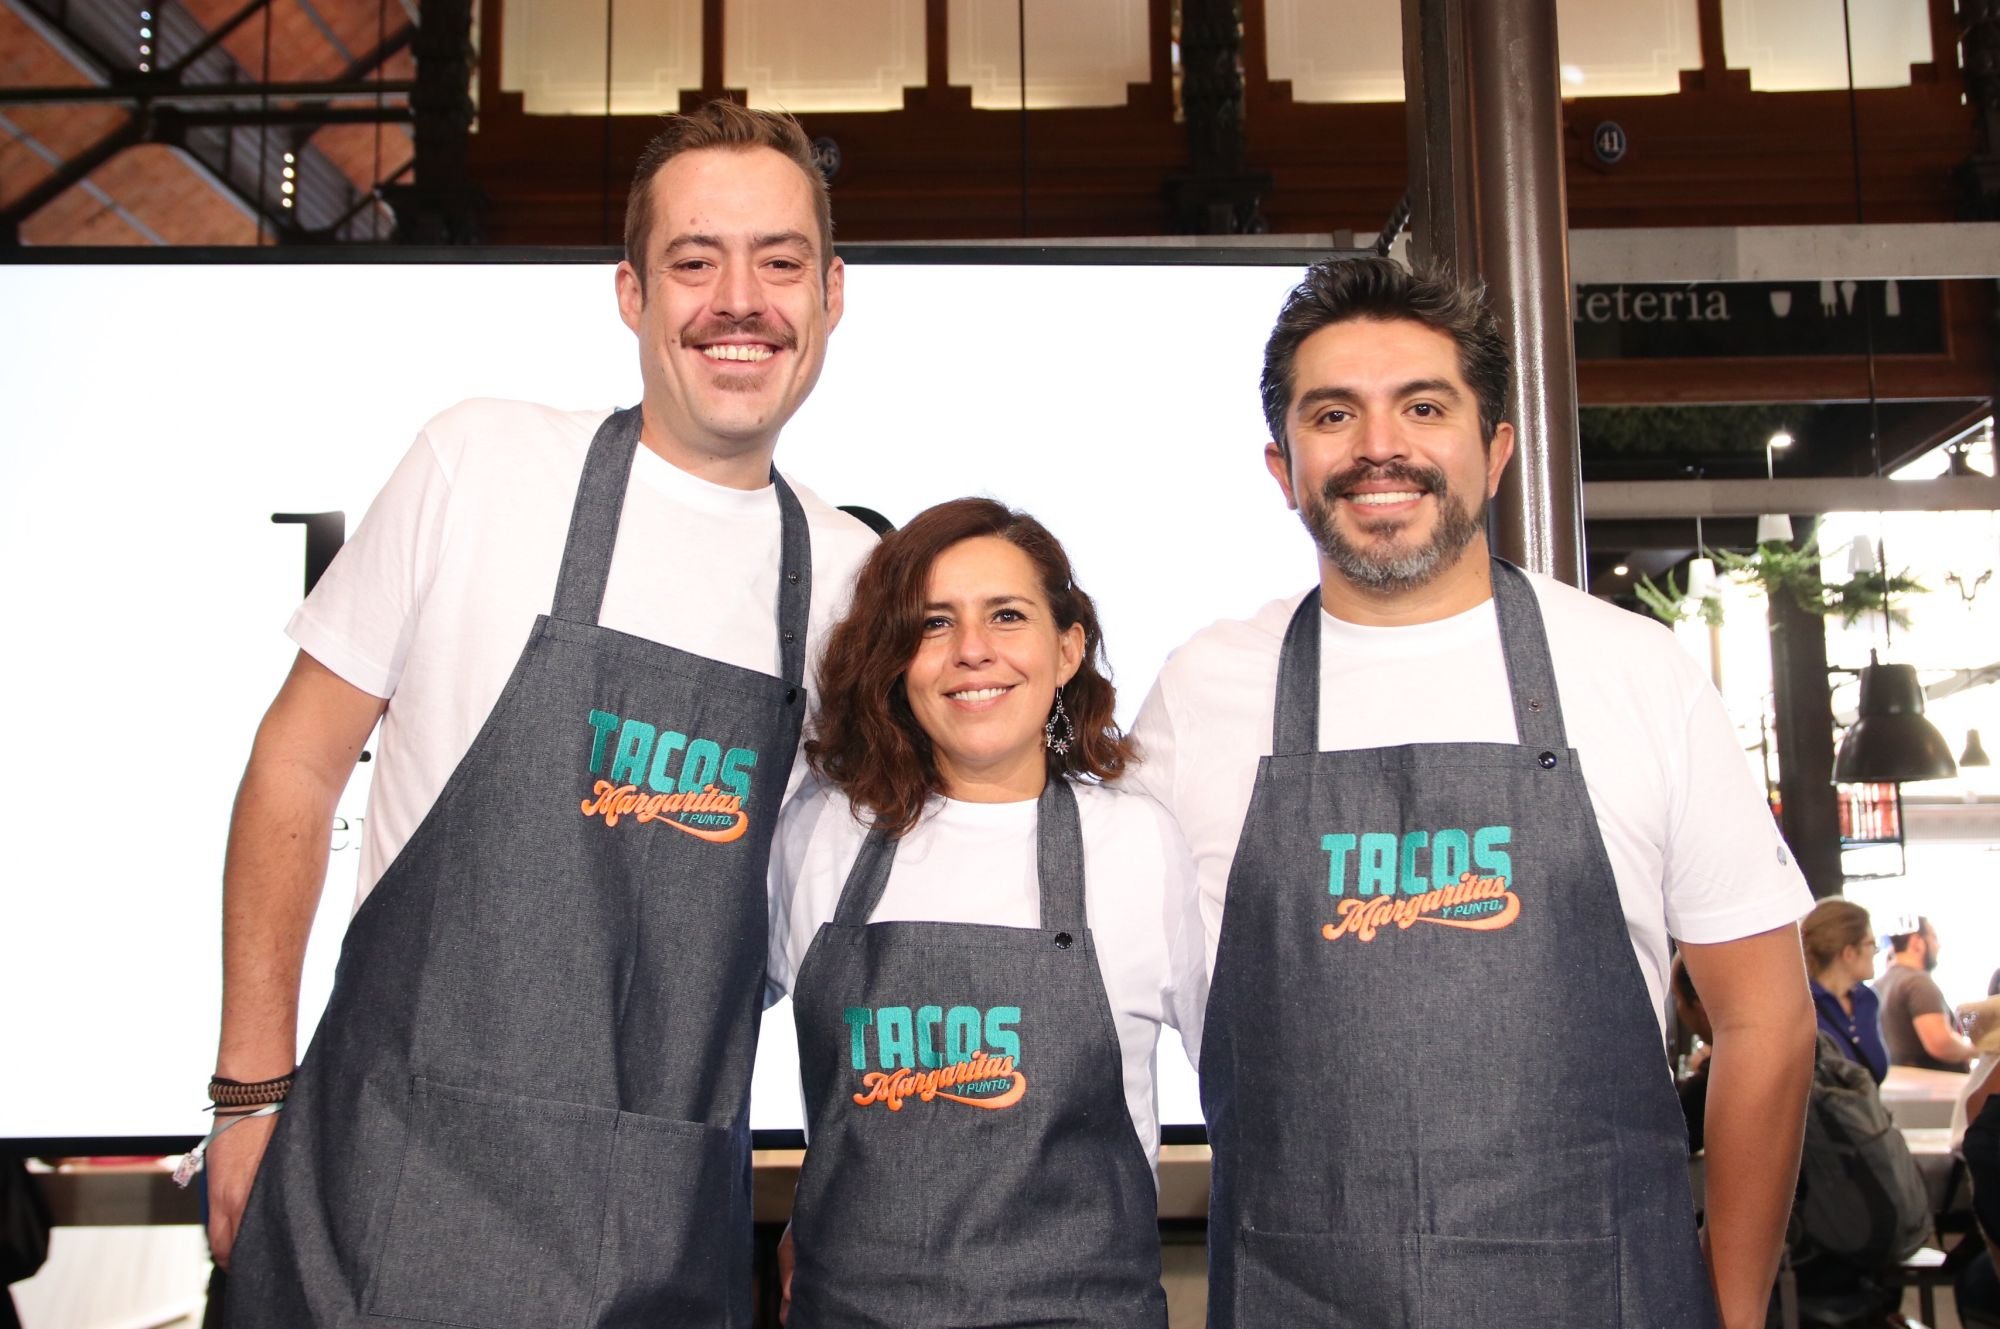 Roberto Ruiz, junto a su equipo, acerca la taquería popular al público del mercado. Foto: Tacos, Margaritas y Punto.